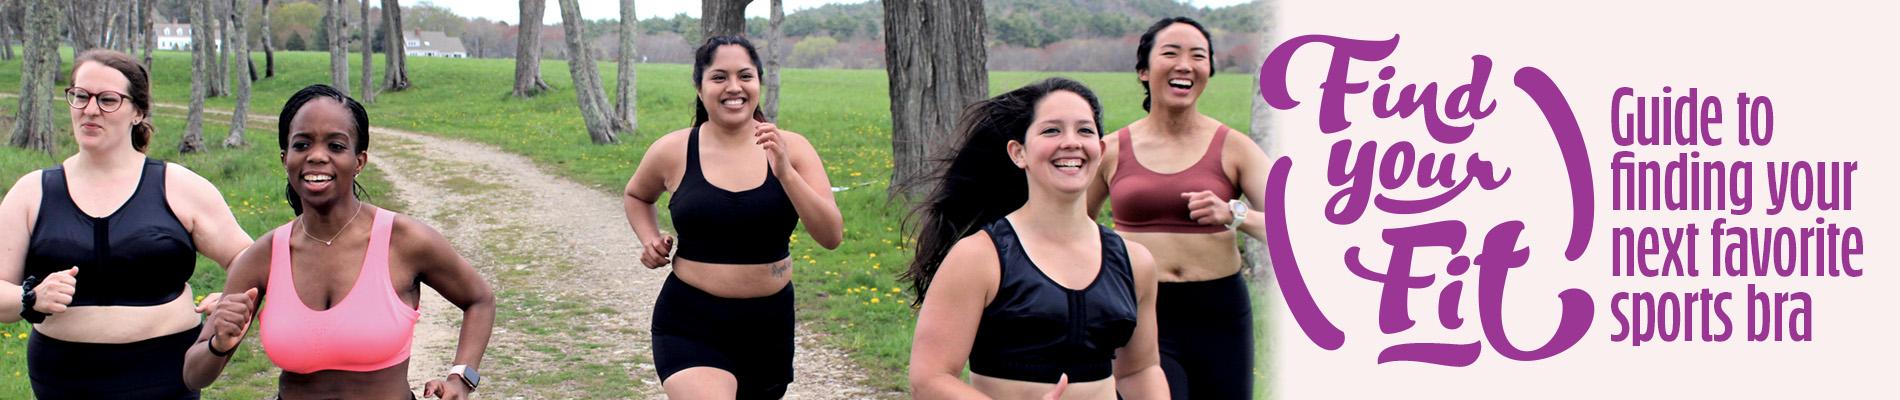 FInd your next favorite sports bra